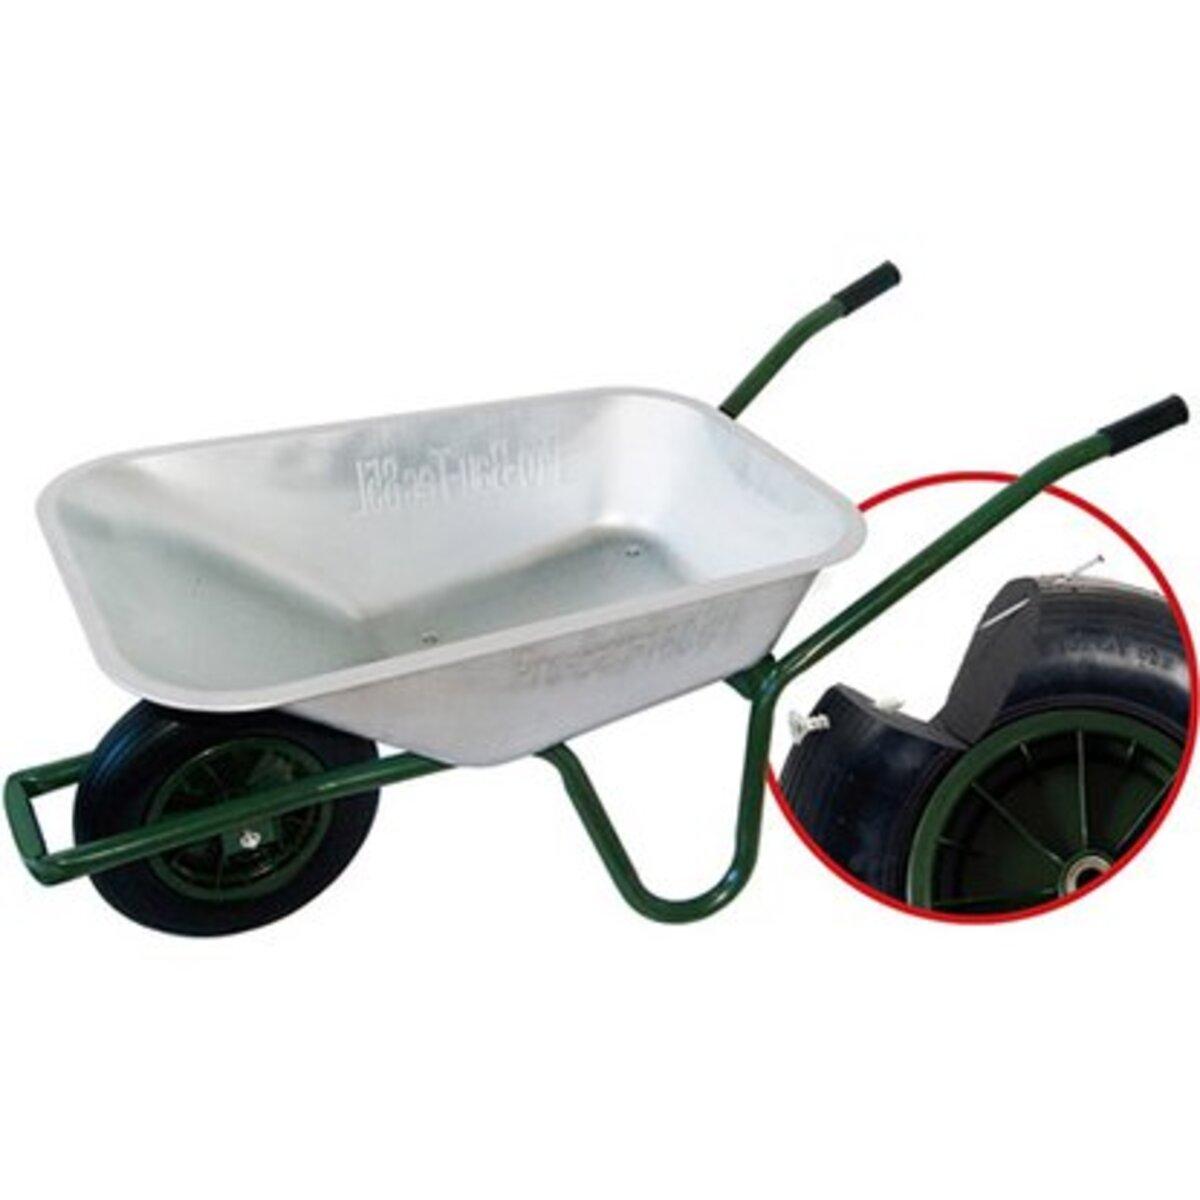 Bild 3 von Gartenschubkarre 85 l 120 kg Tragkraft mit pannensicherem PU-Rad